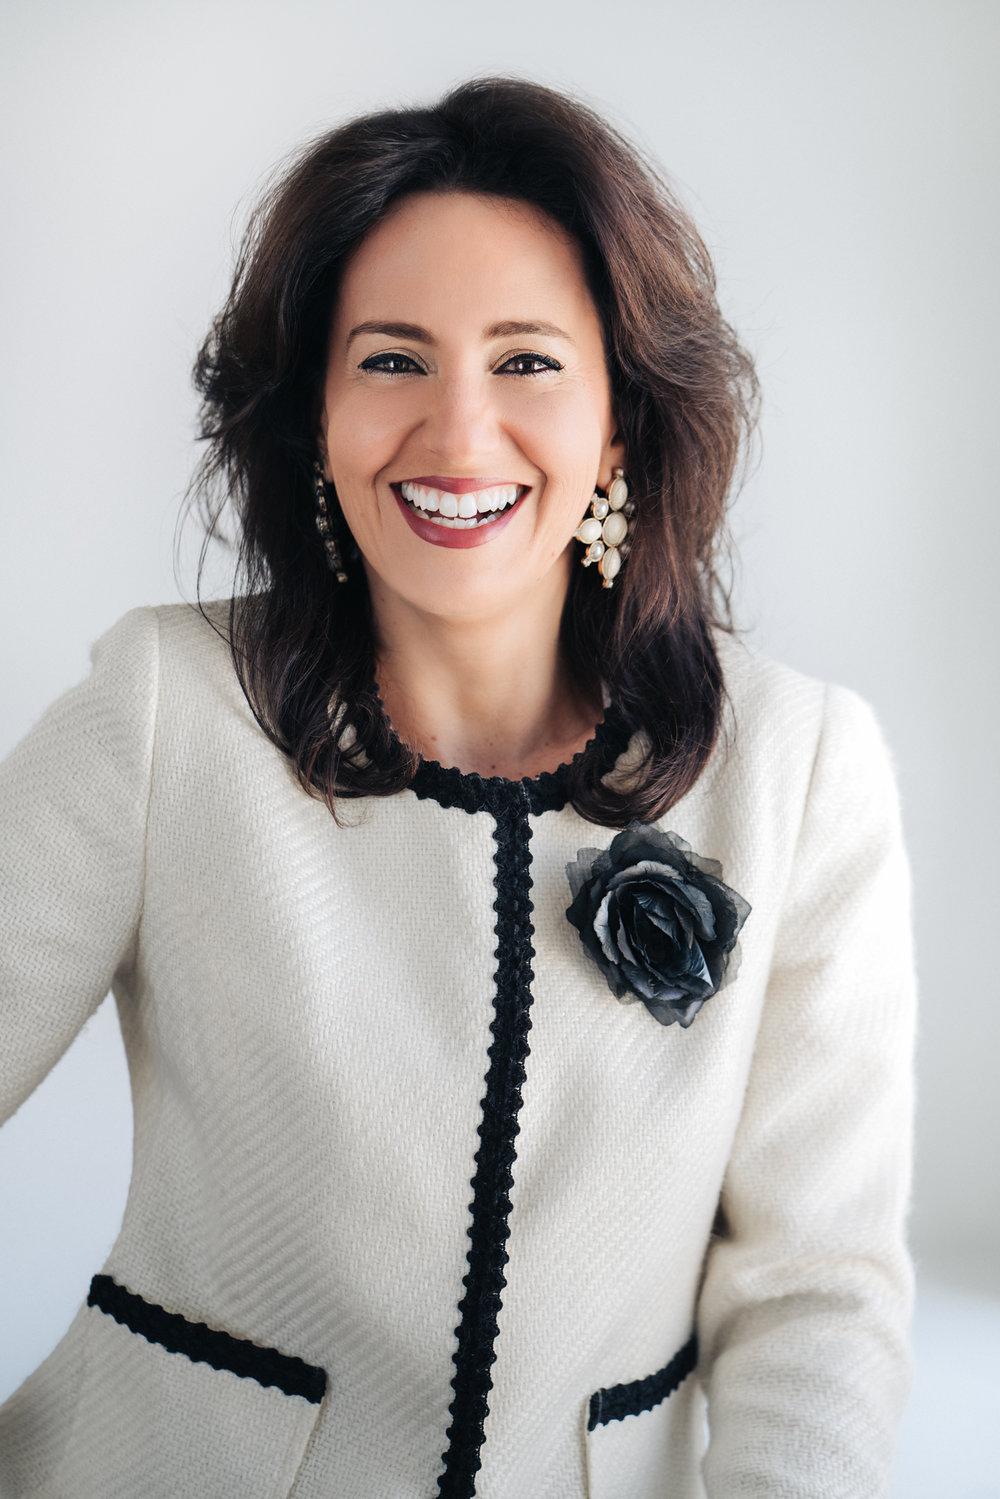 Caroline Codsi